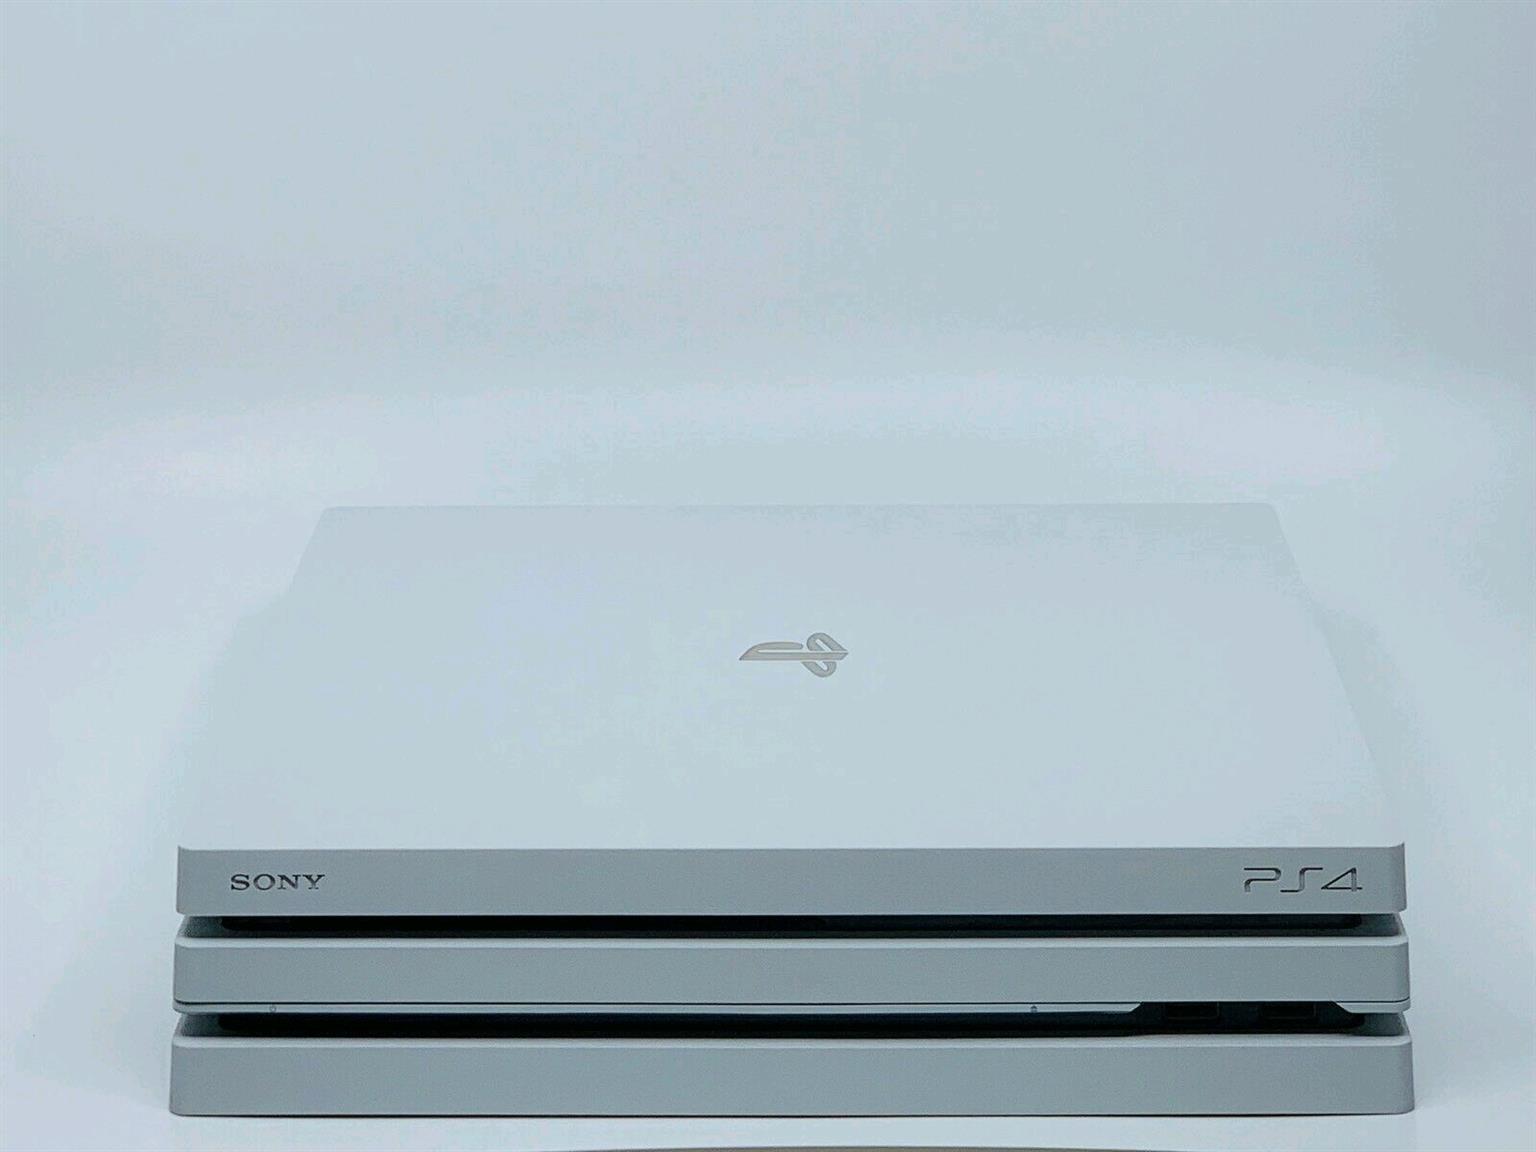 Sony PS4 pro Glacier white 1tb brand new